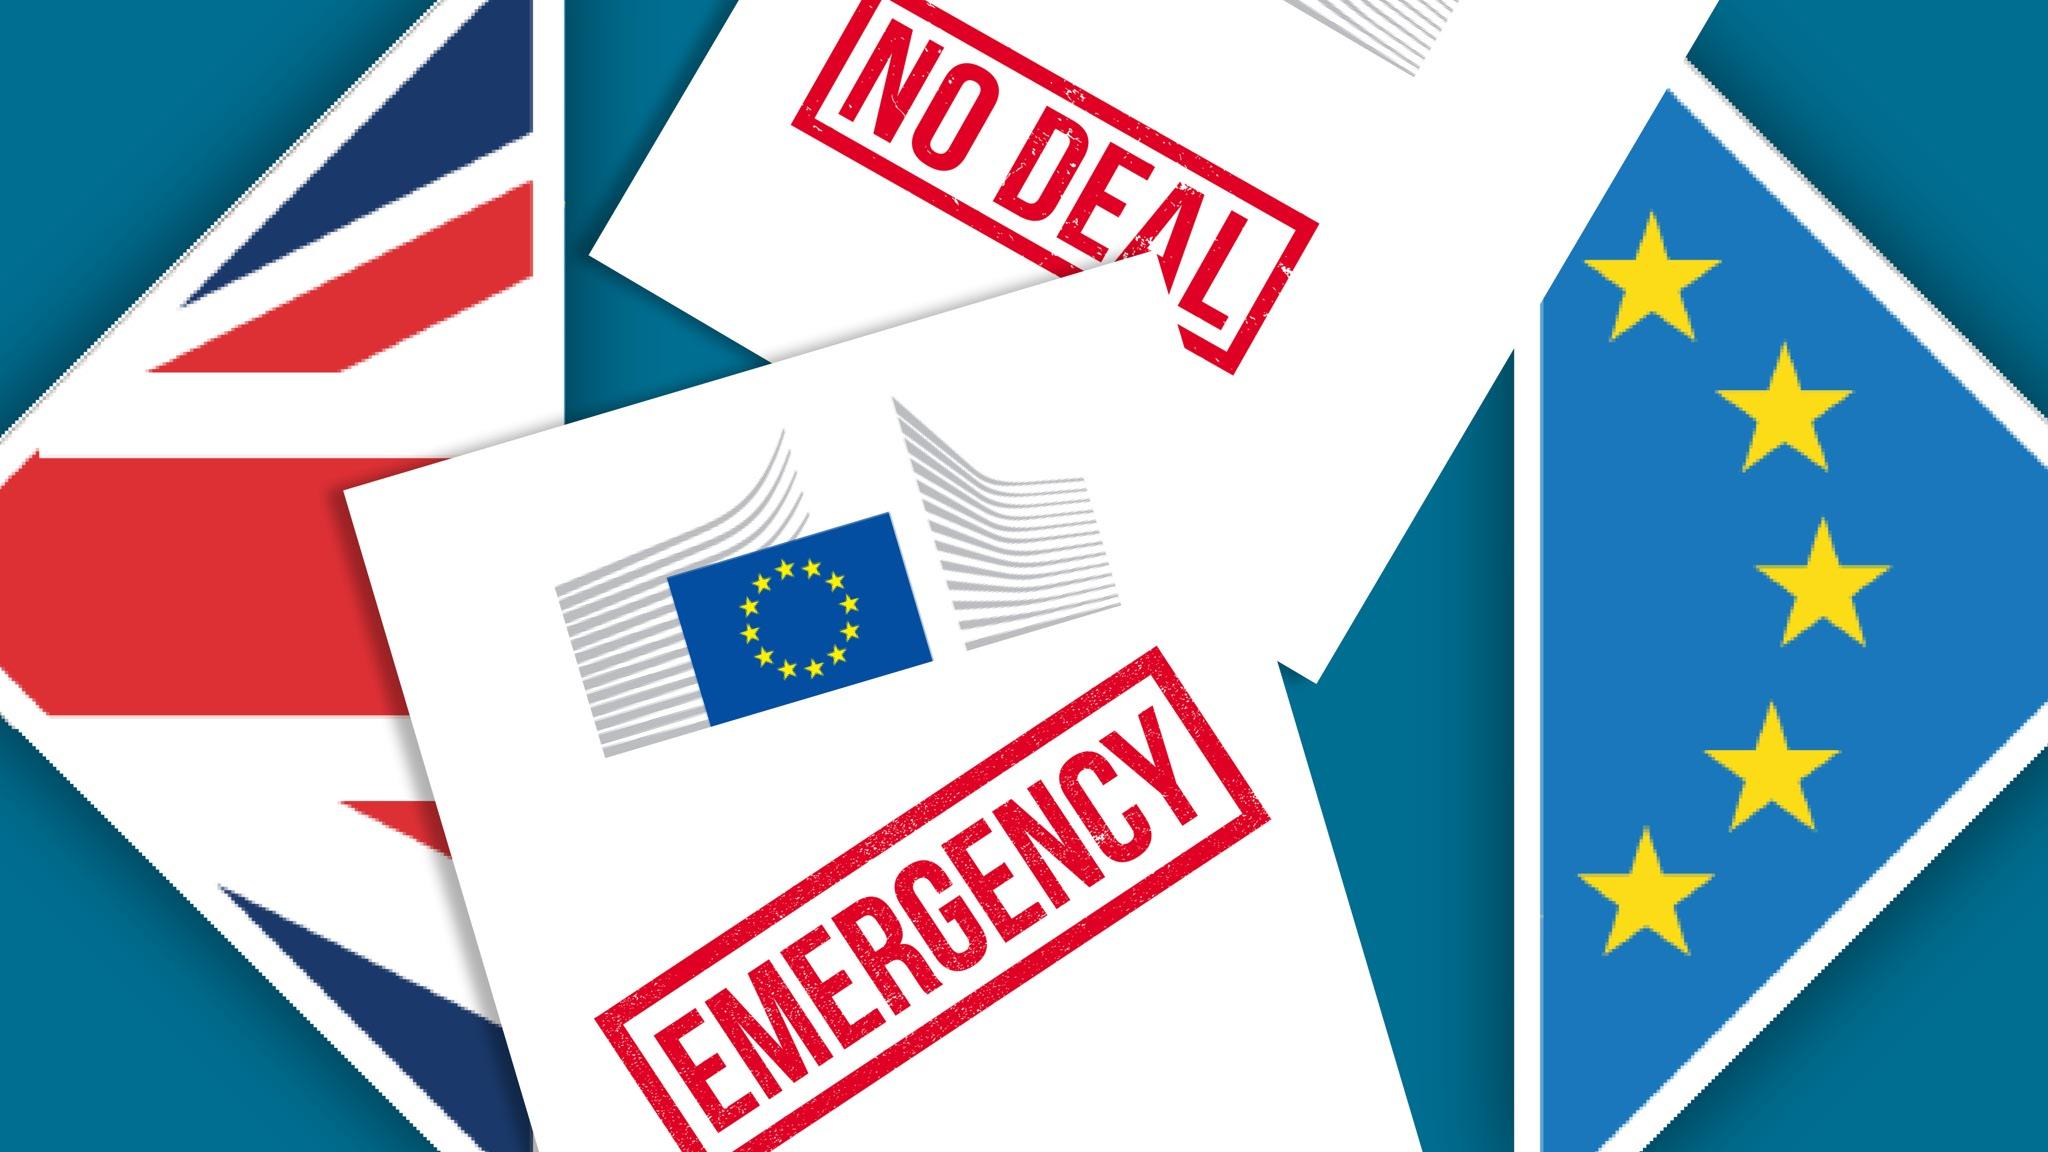 Brussels seeks emergency powers to prepare for hard Brexit